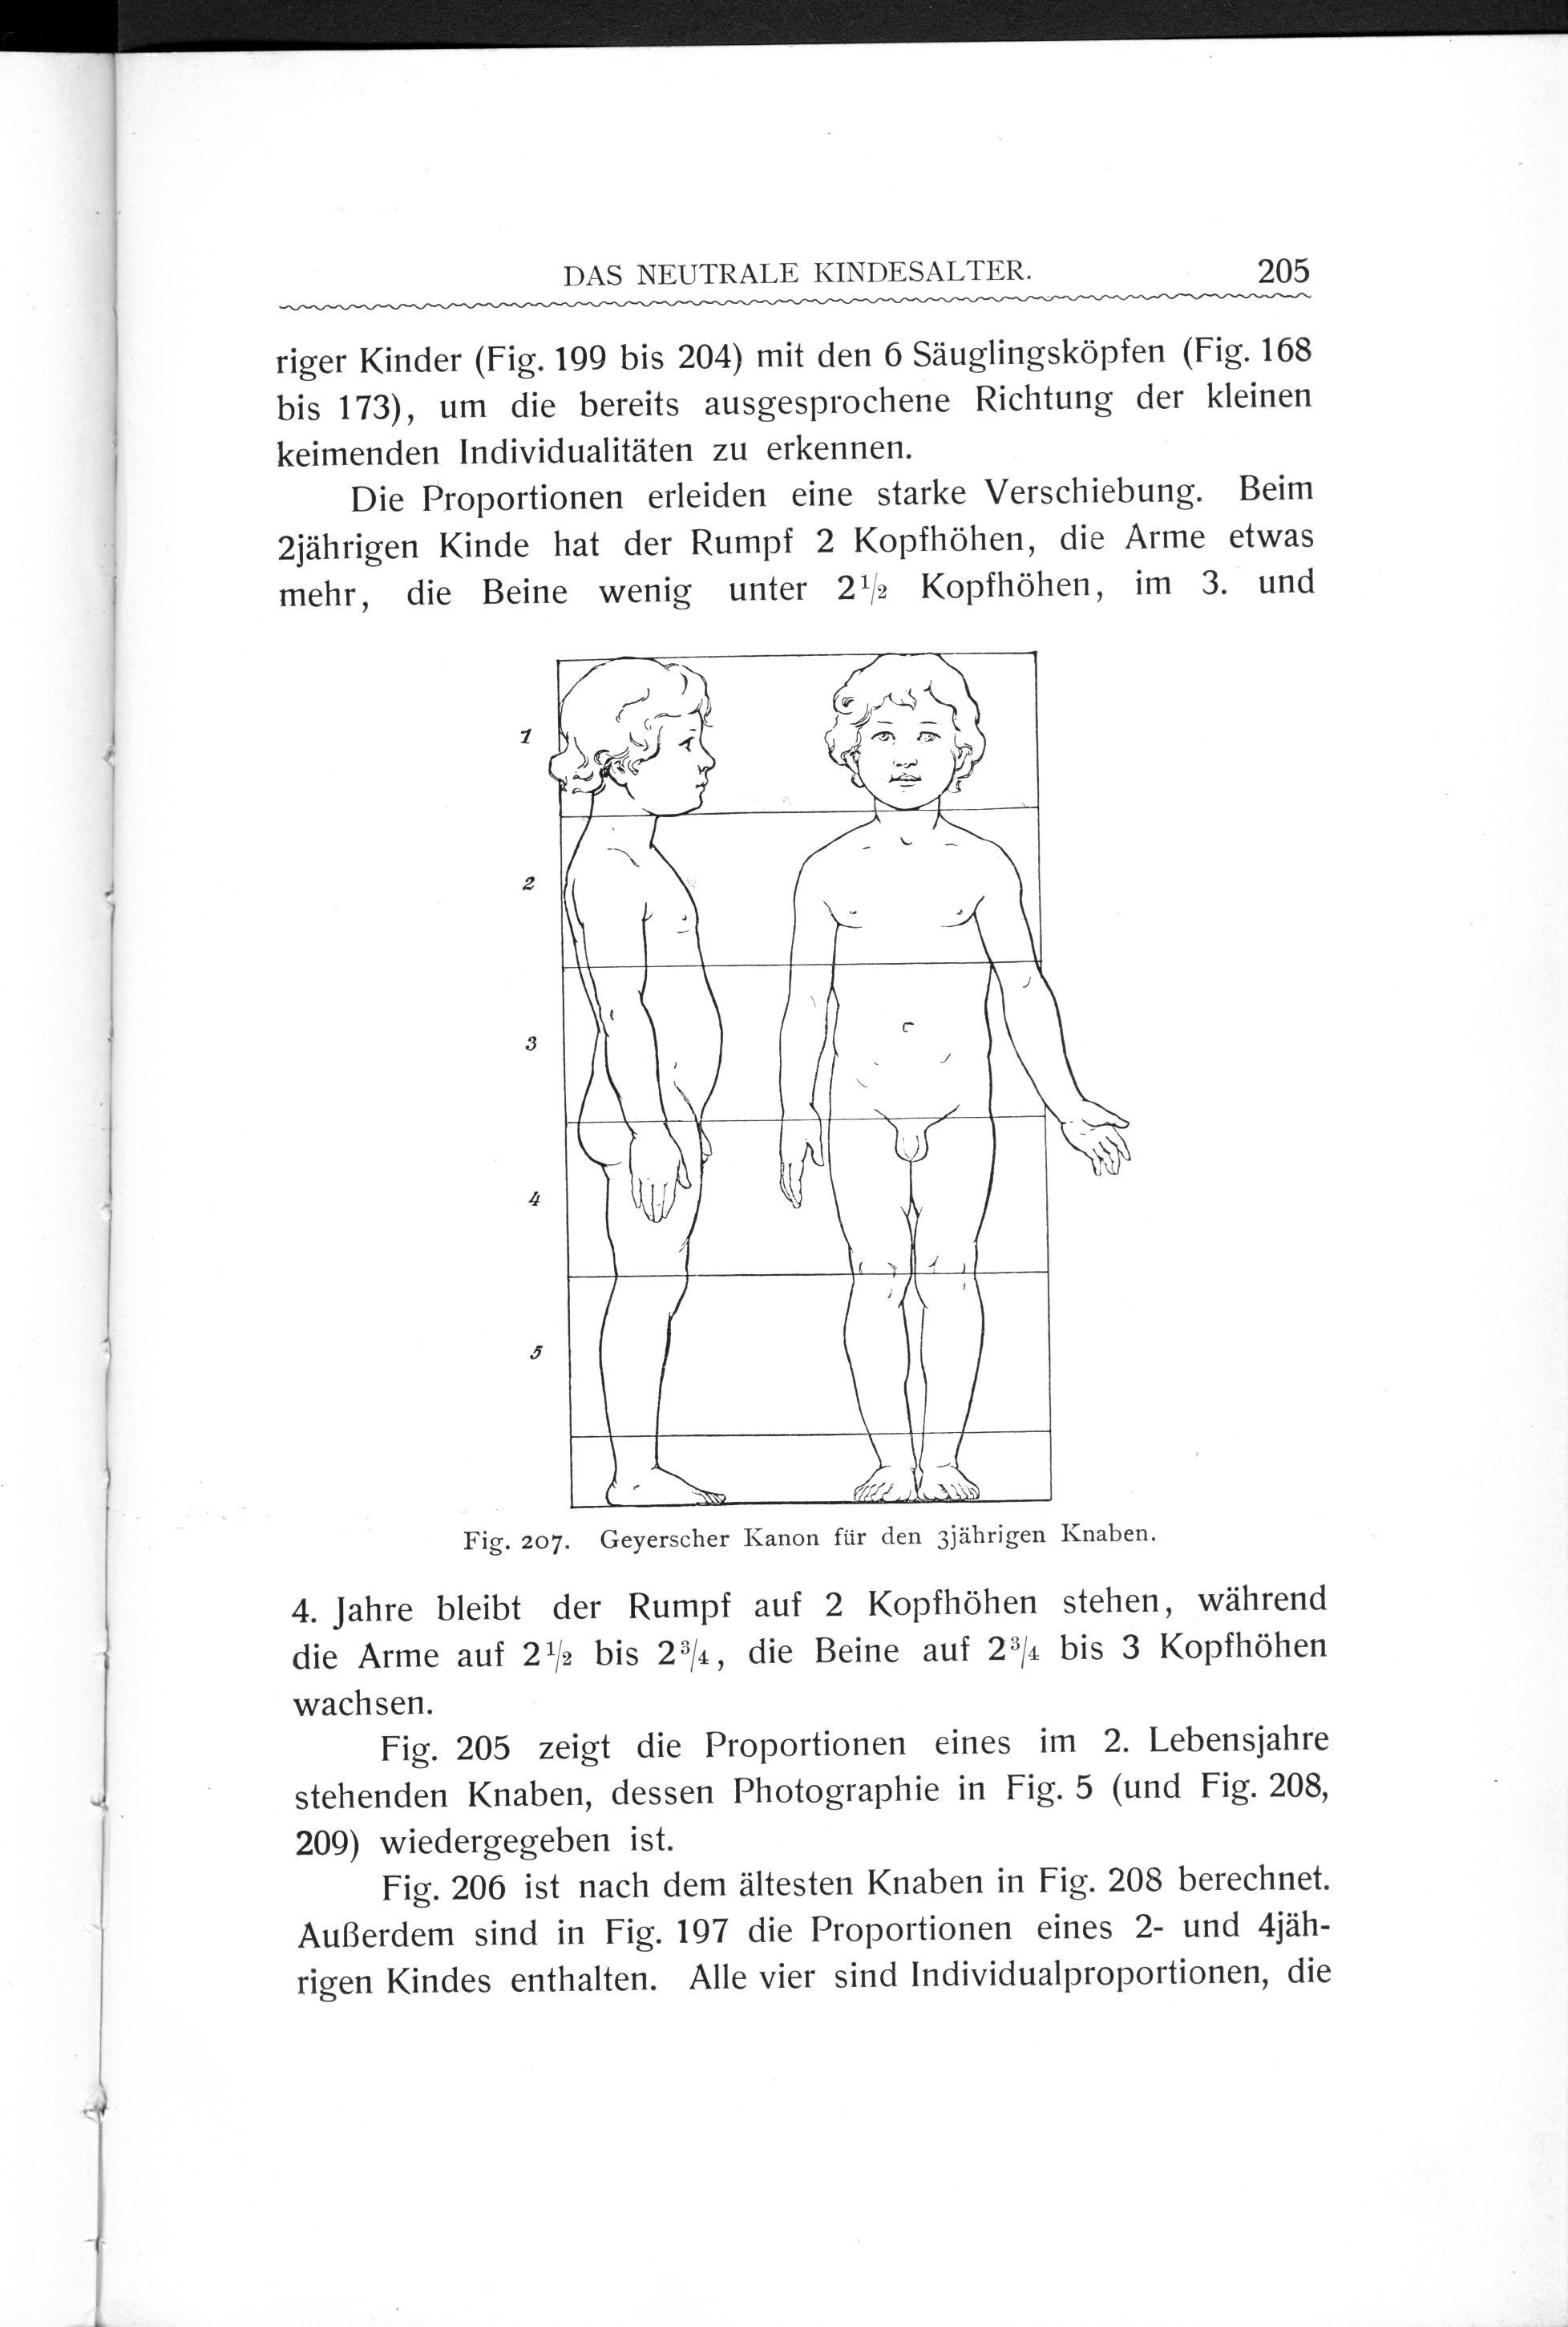 File:Stratz Körper des Kindes 3 205.jpg - Wikimedia Commons